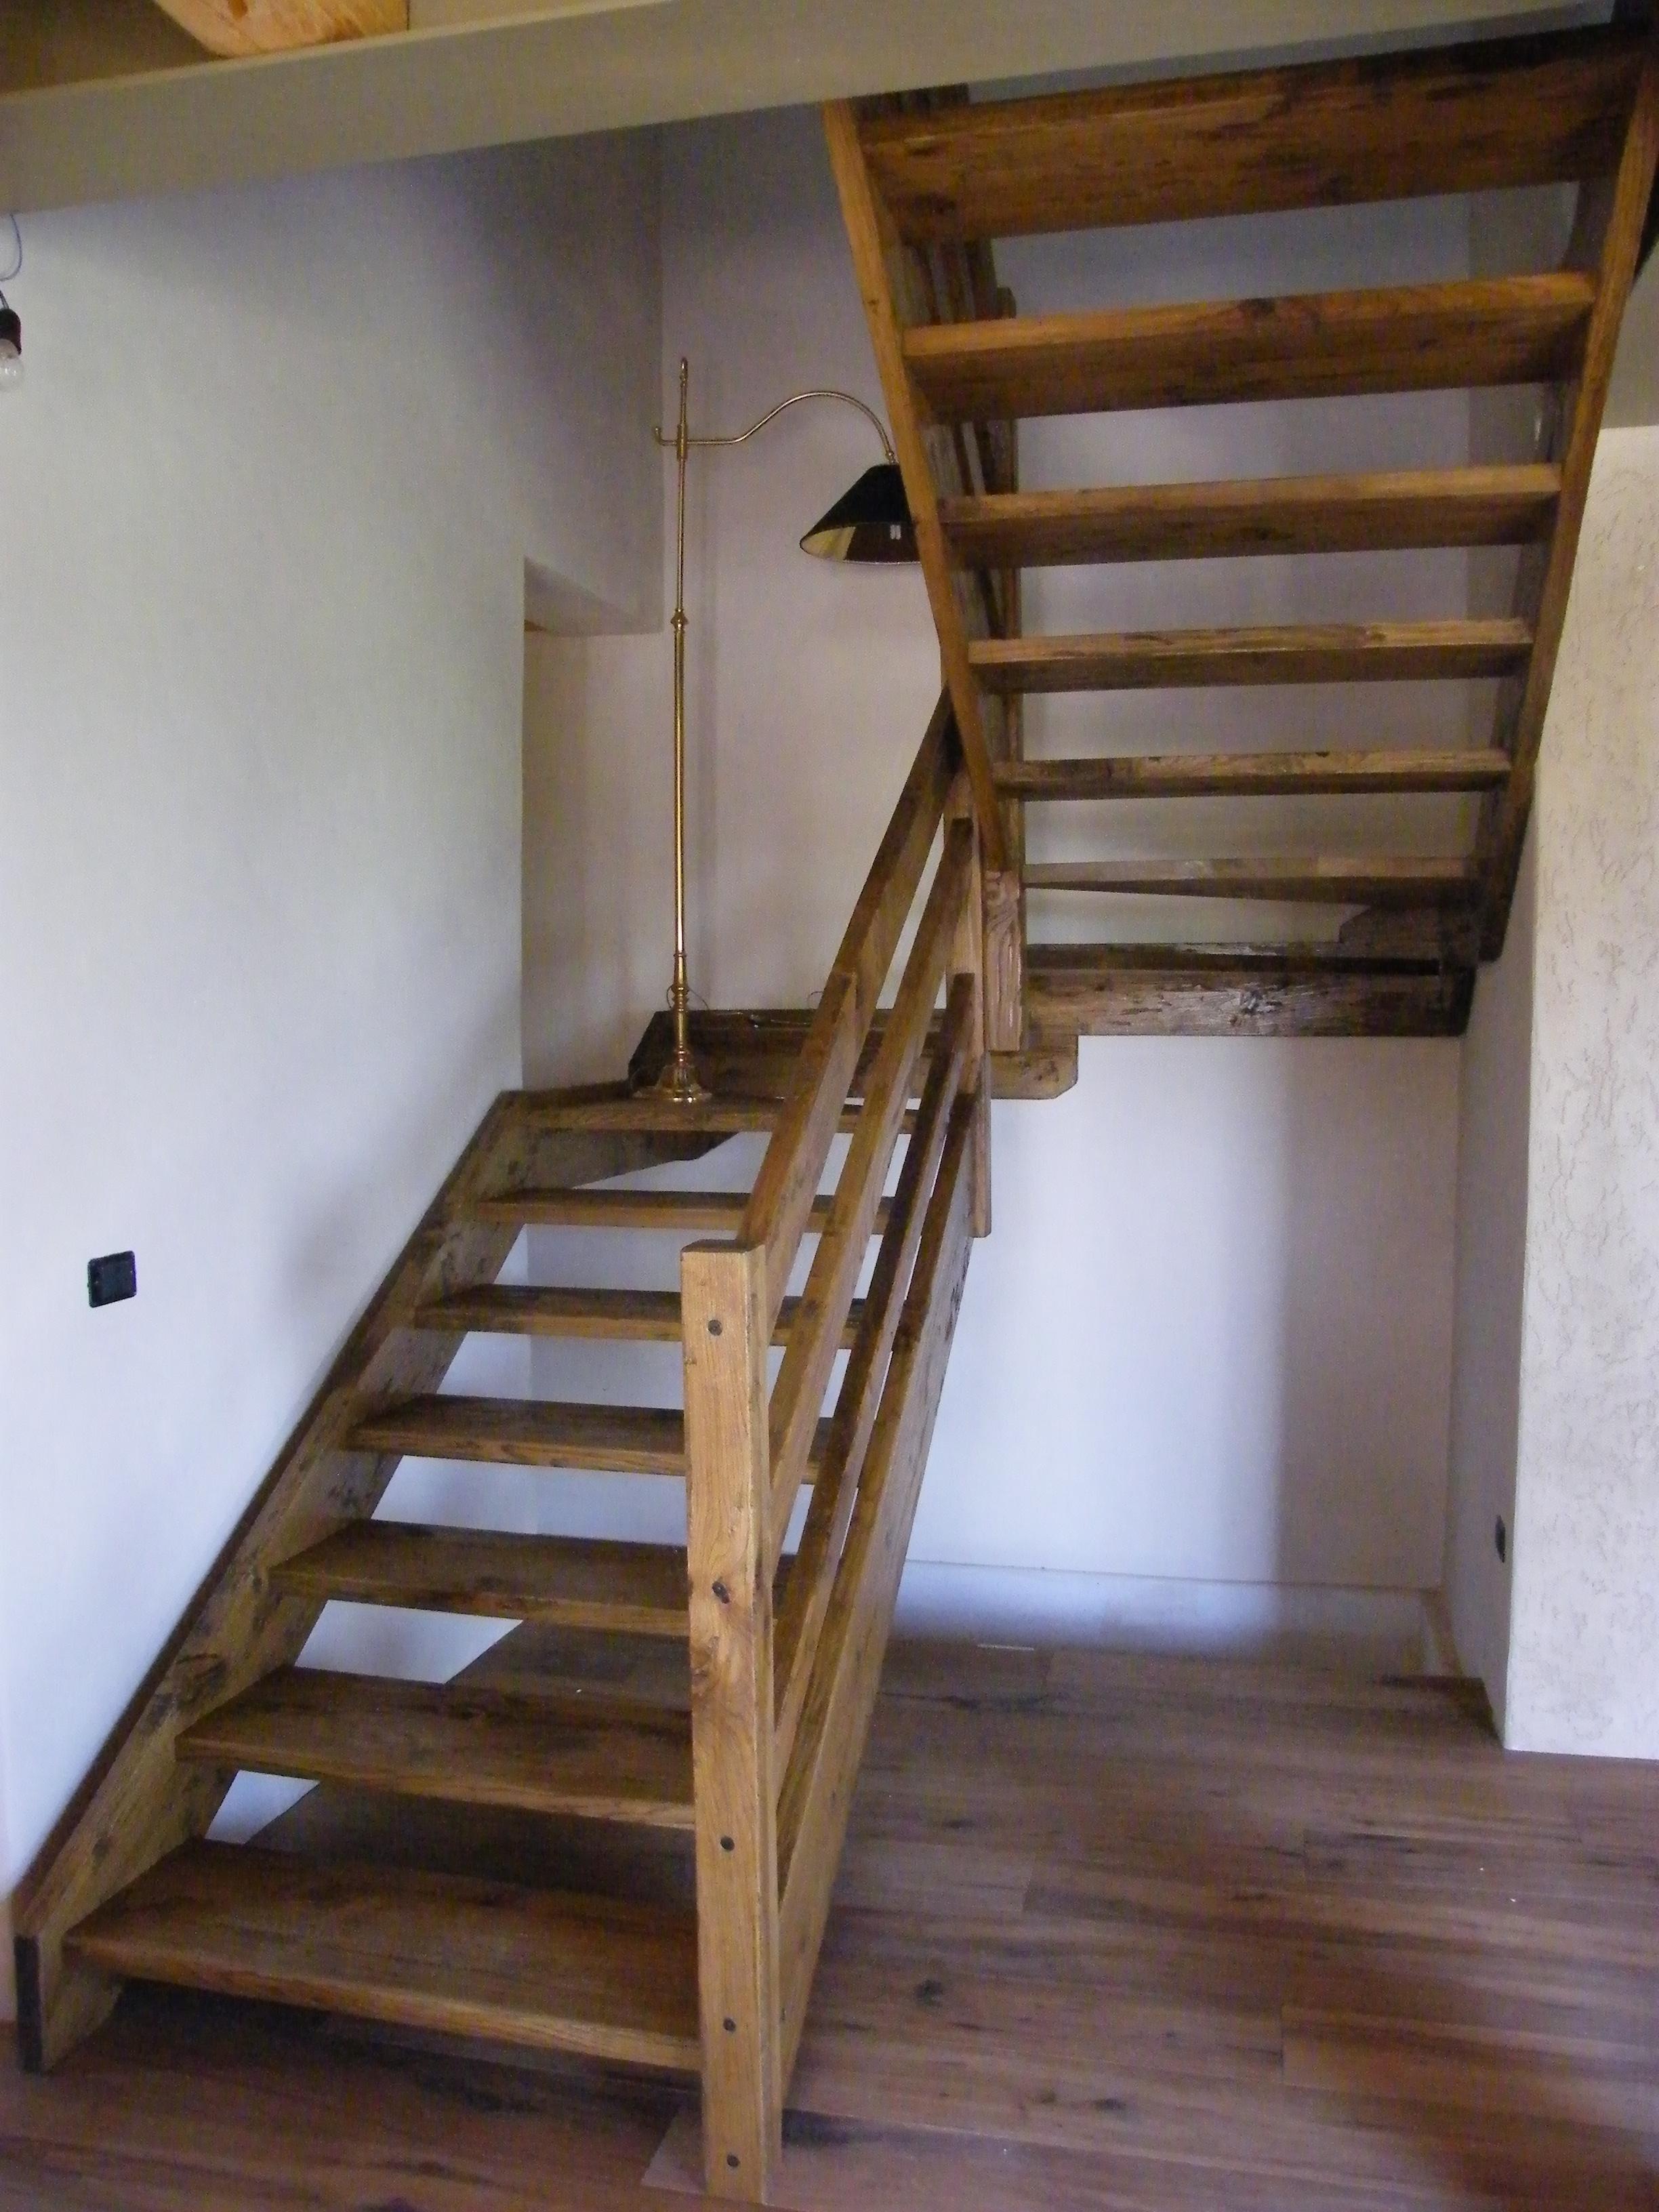 Mobili lavelli prezzi scale in legno per interni - Scale prefabbricate per interni prezzi ...